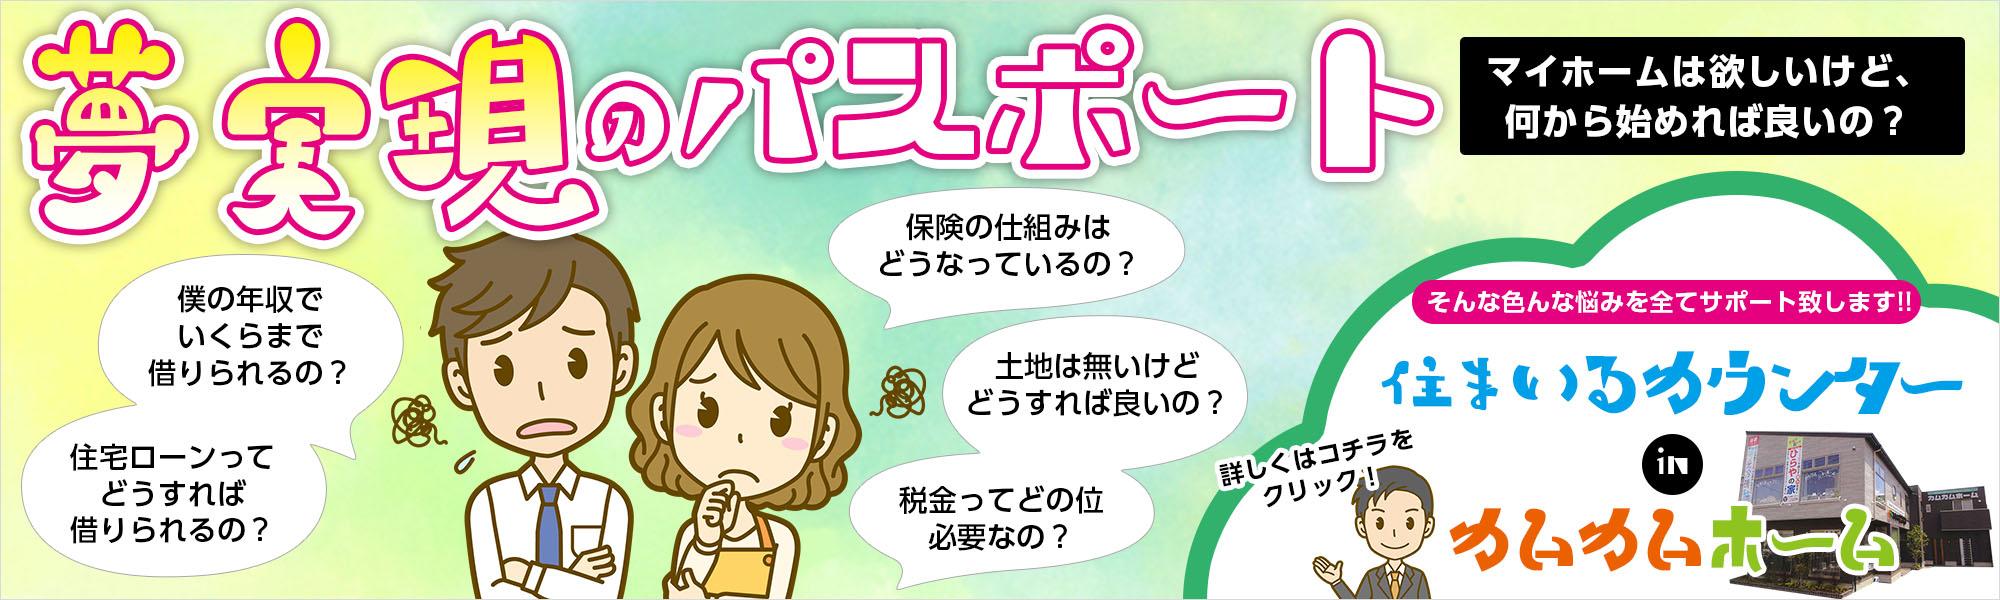 【初回限定】来店予約+相談内容記入用紙持参で商品券2000円プレゼント!